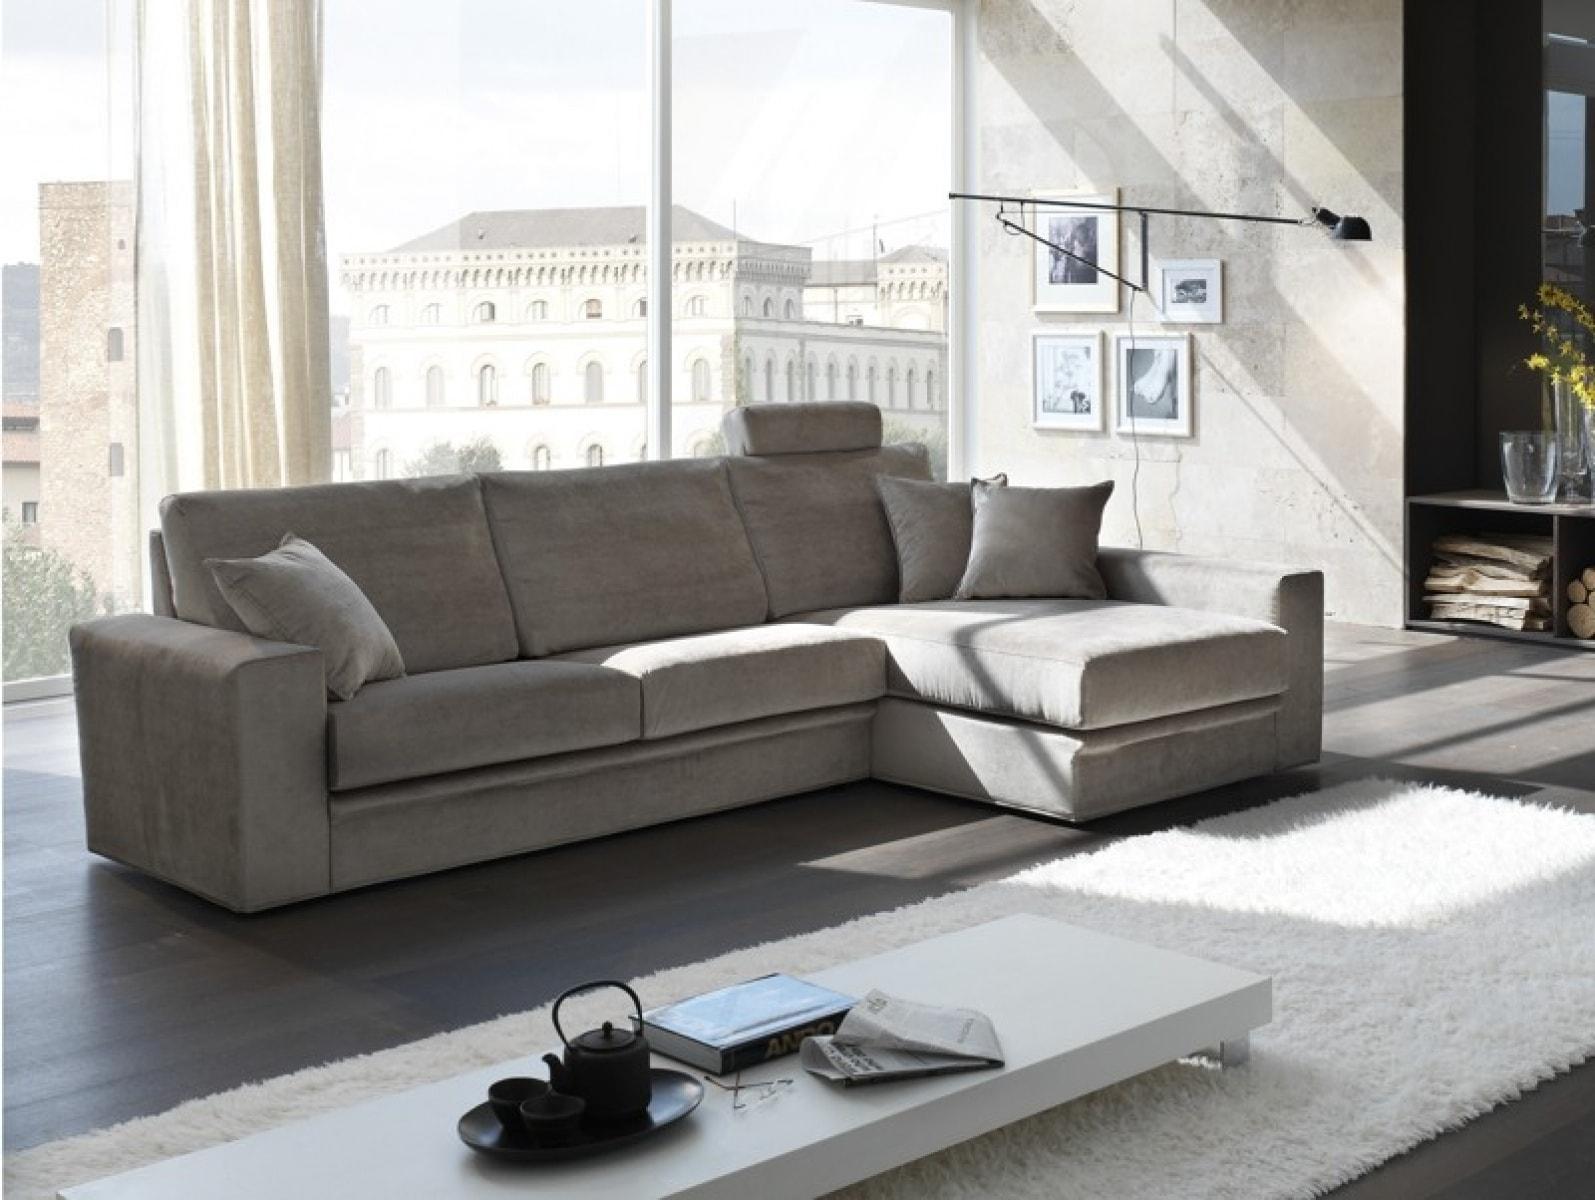 divani rosy mobili mobilificio nichelino torino lube store